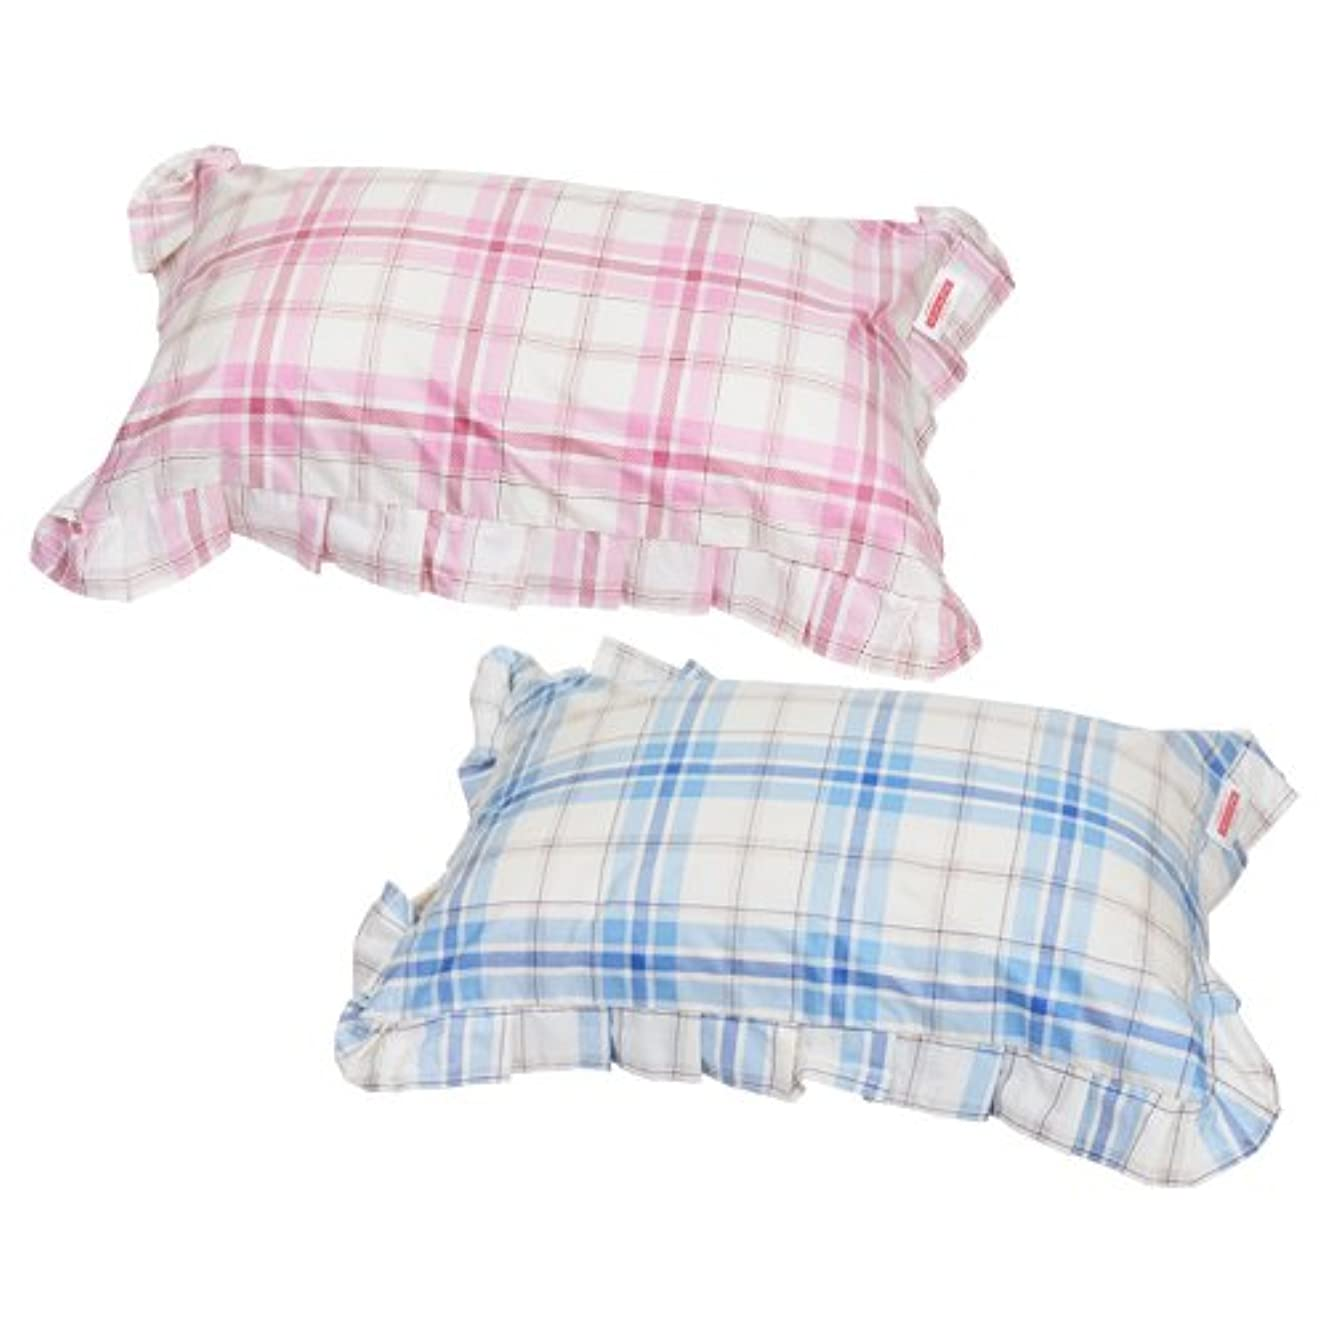 敵アニメーション鎮痛剤枕カバー 35×55cmの枕用 ファスナー式 タータンチェック フリル仕上げ 安心の日本製 ブルー